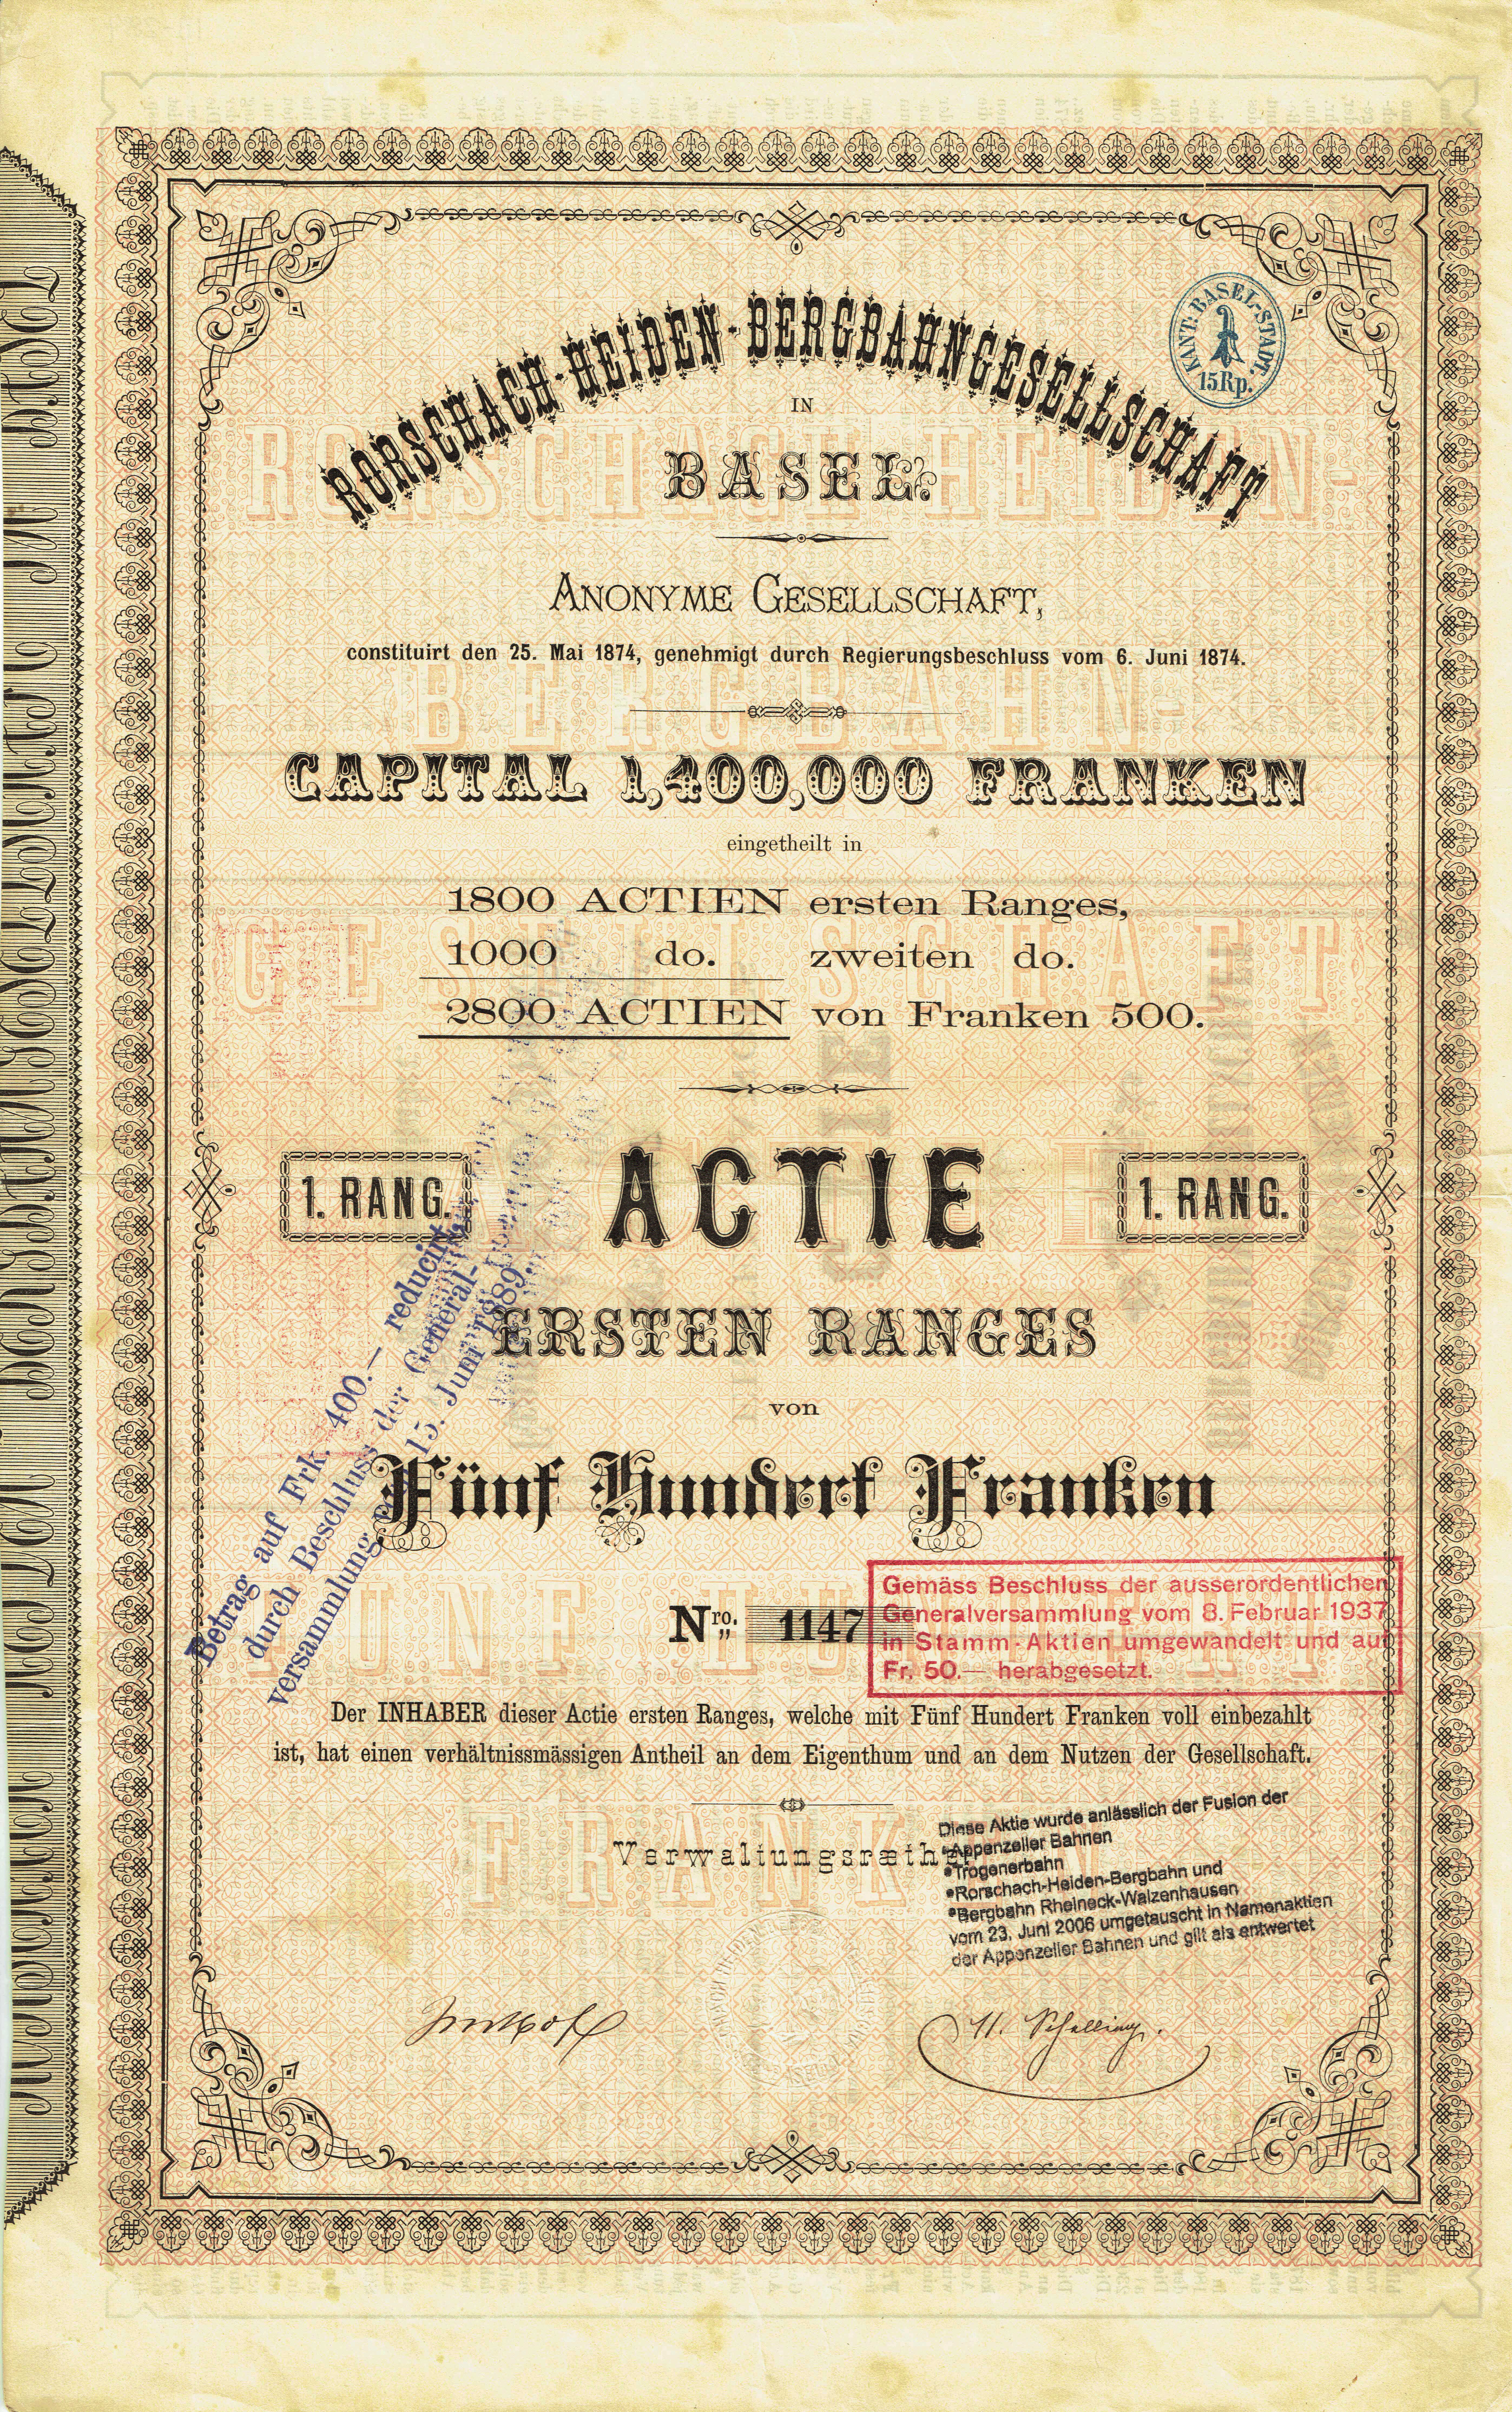 Filerorschach Heiden Bergbahngesellschaft 1874g Wikipedia